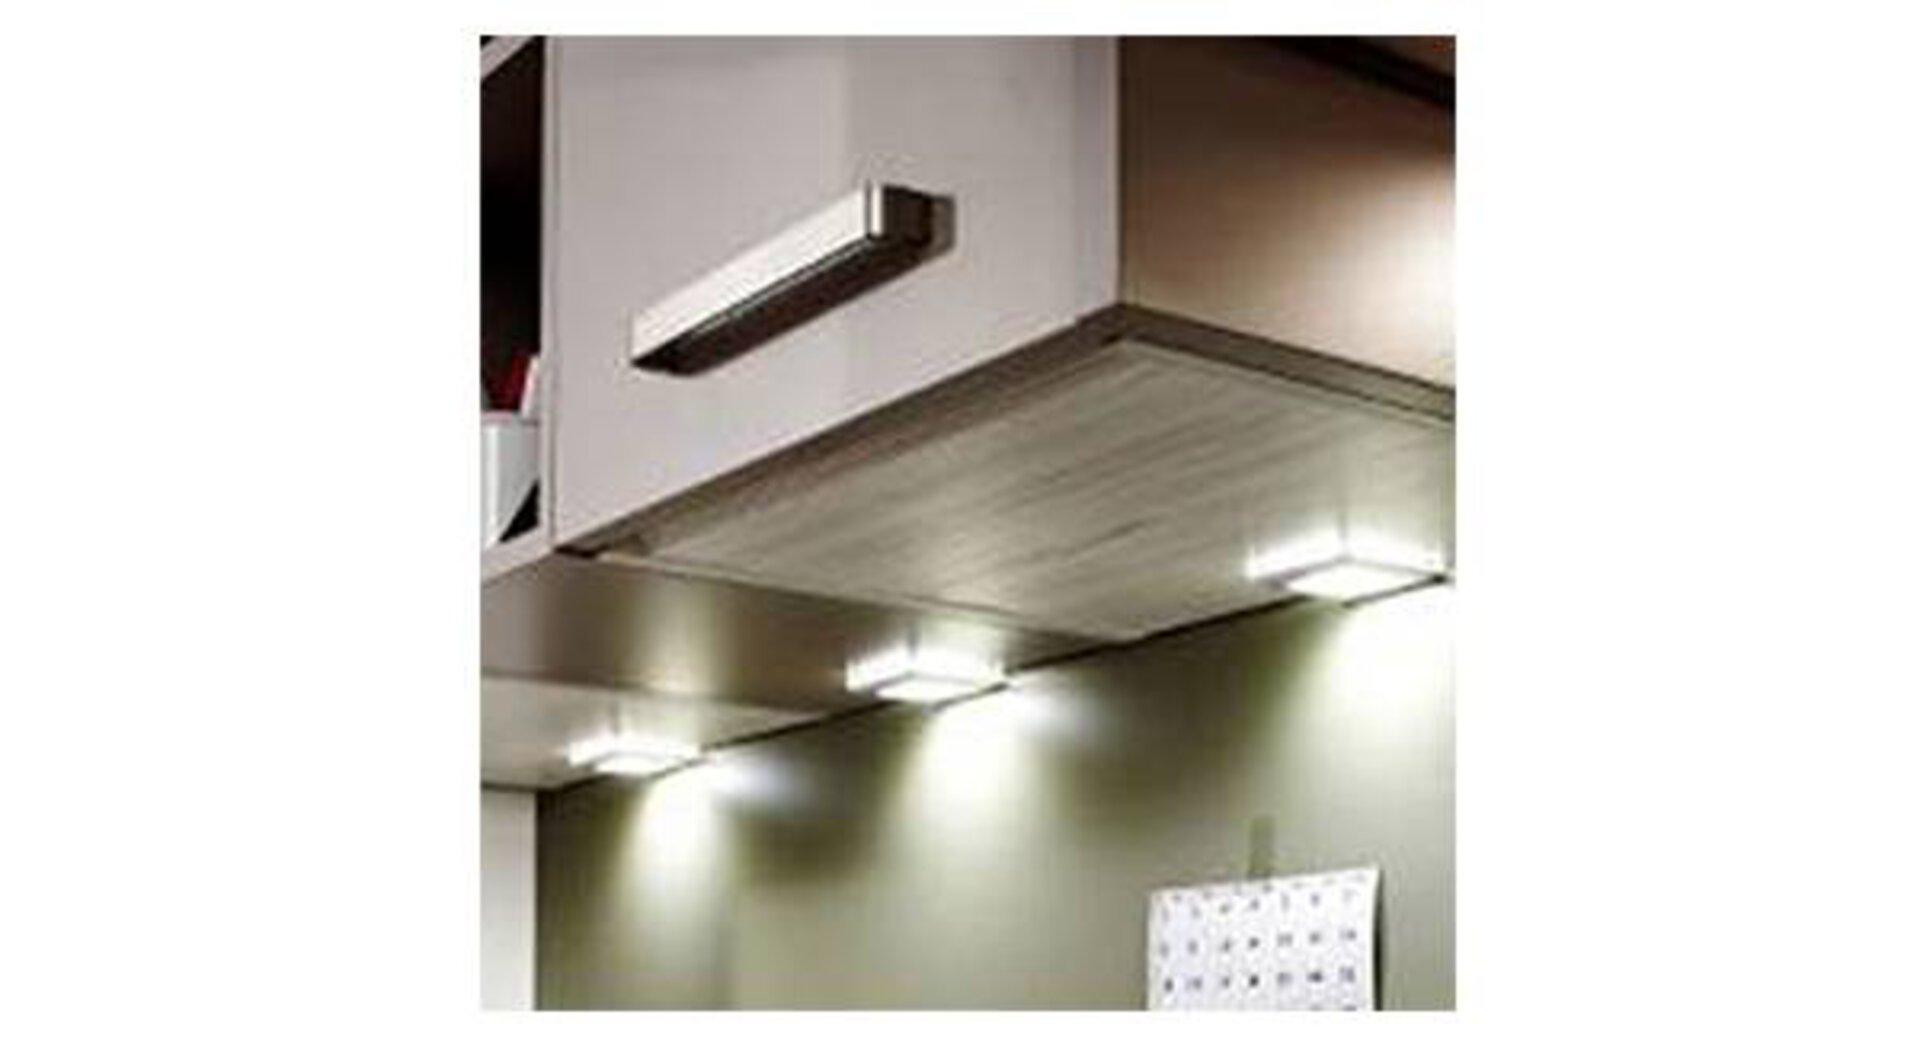 Hängeschrank mit Unterbauleuchten als Milieubild für praktische Leuchten in der Küche.